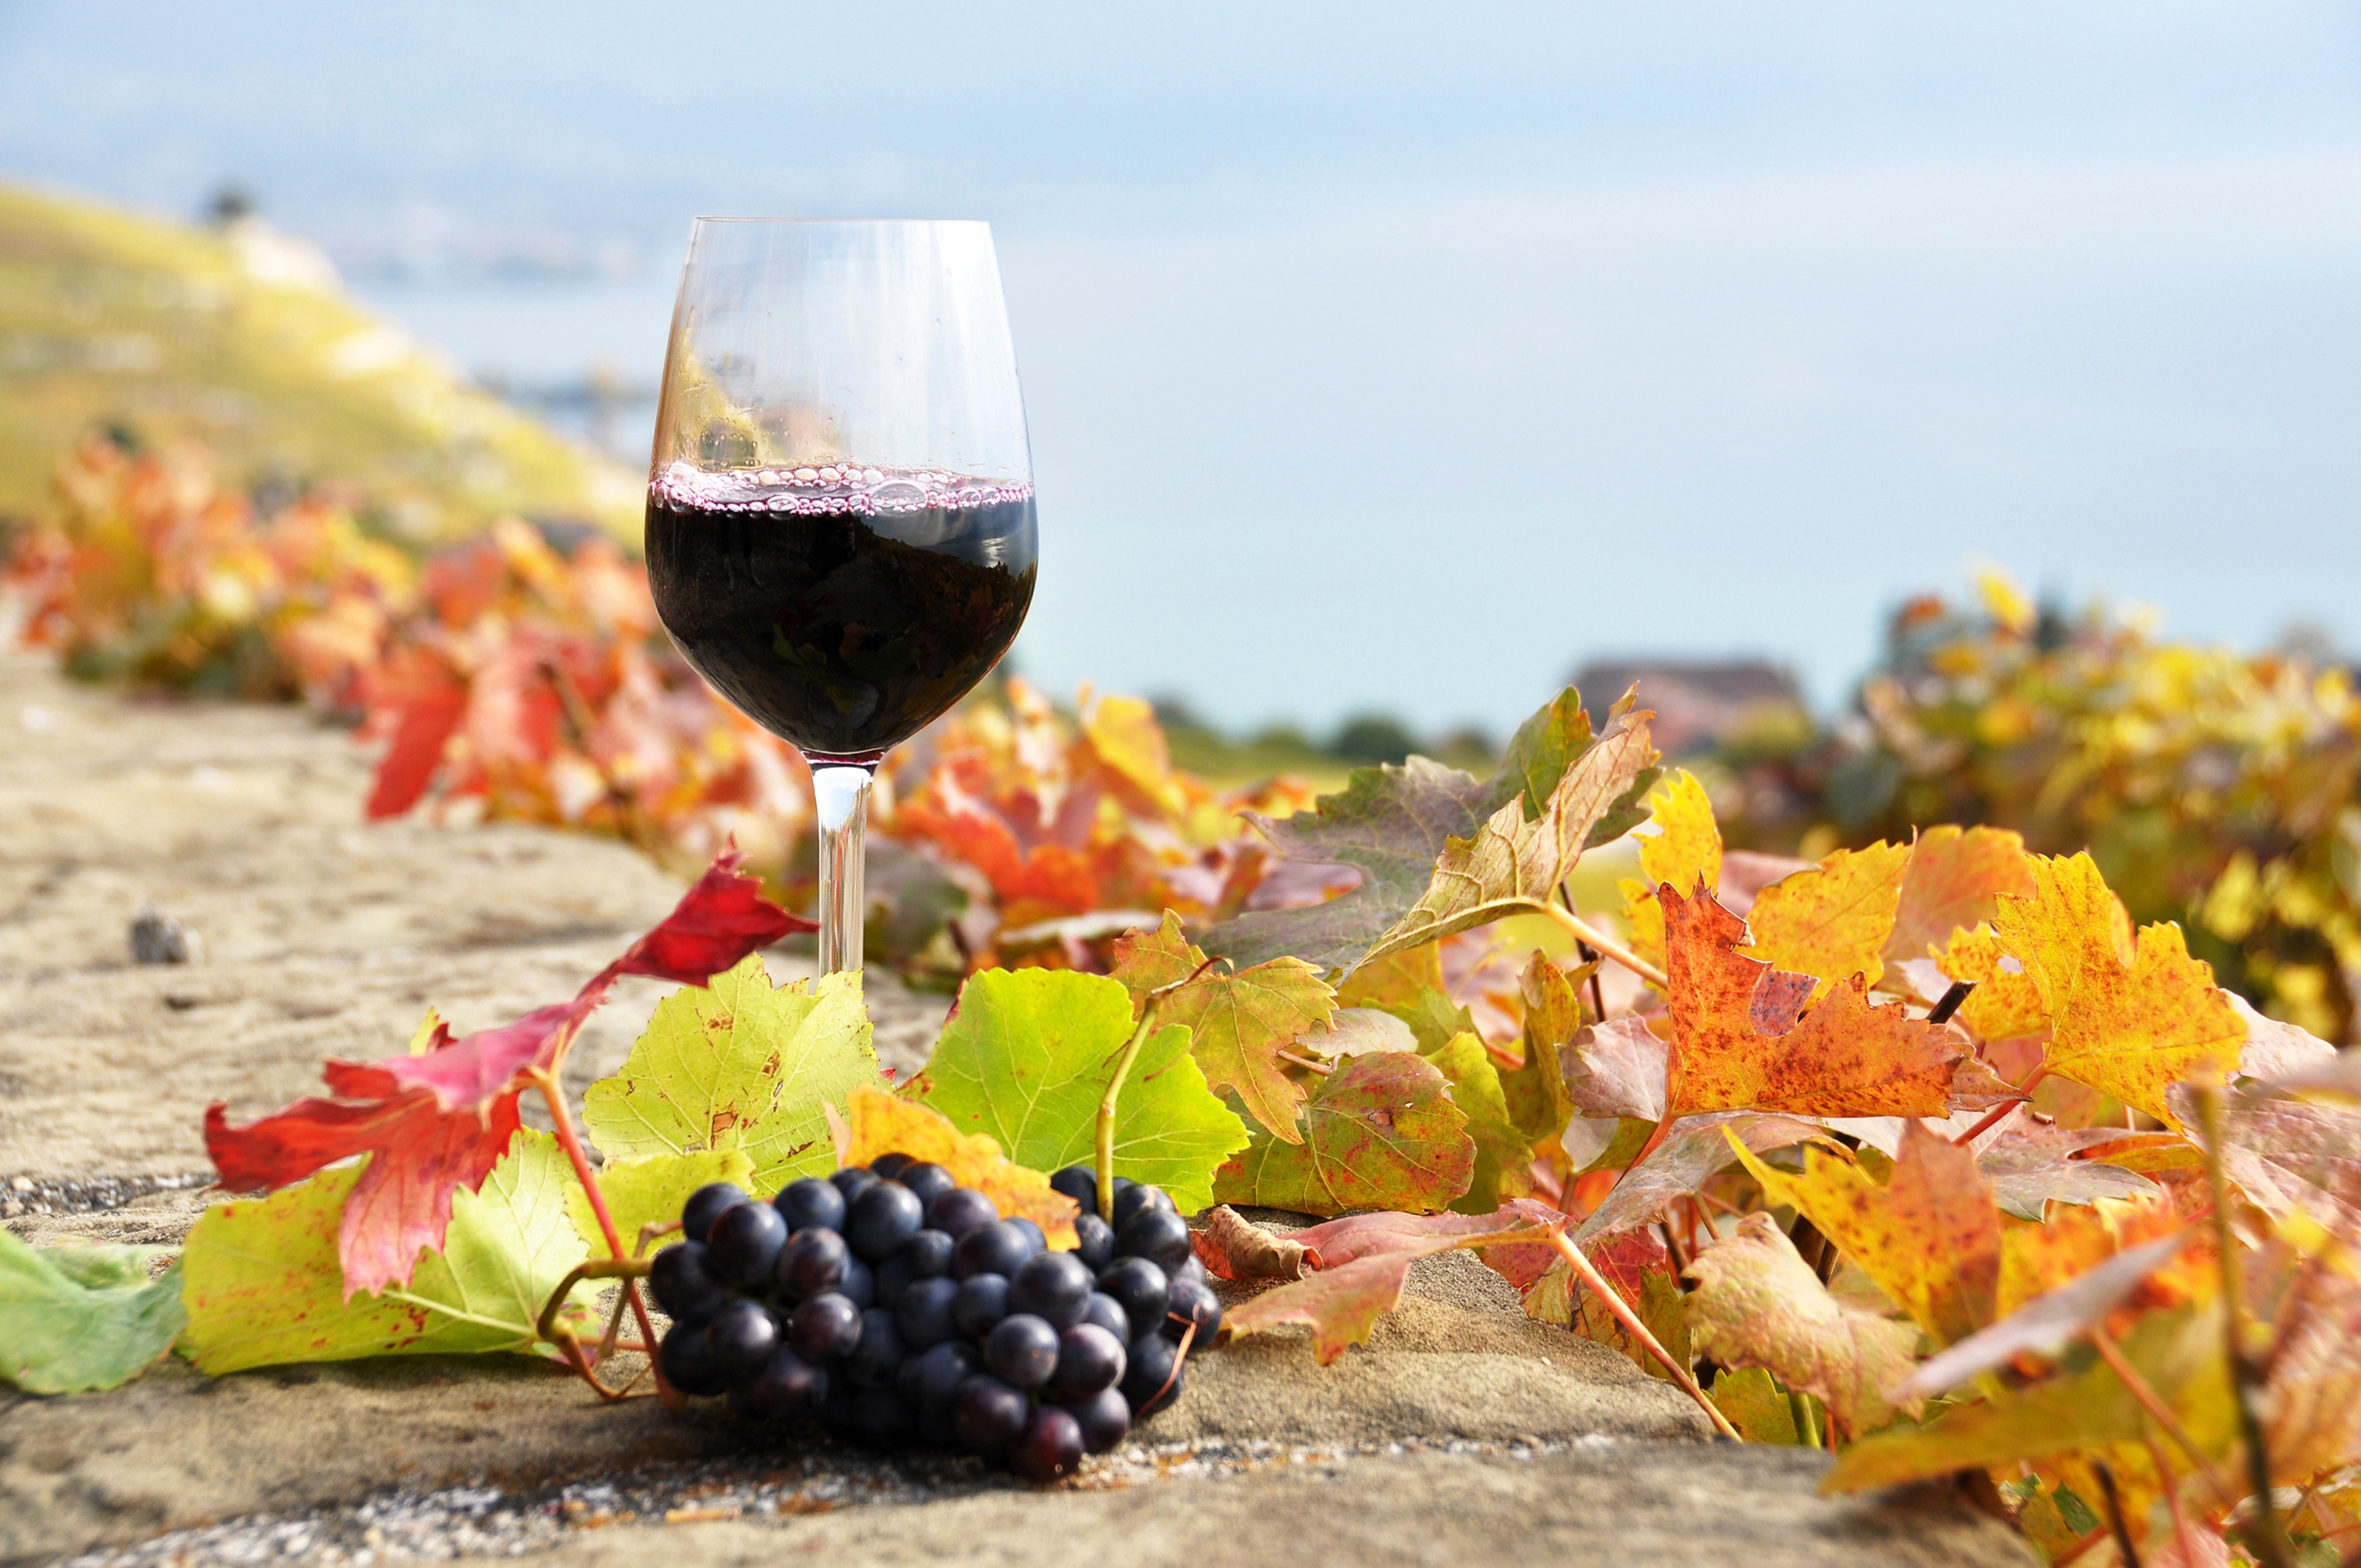 Vinogradništvo in sadjarstvo